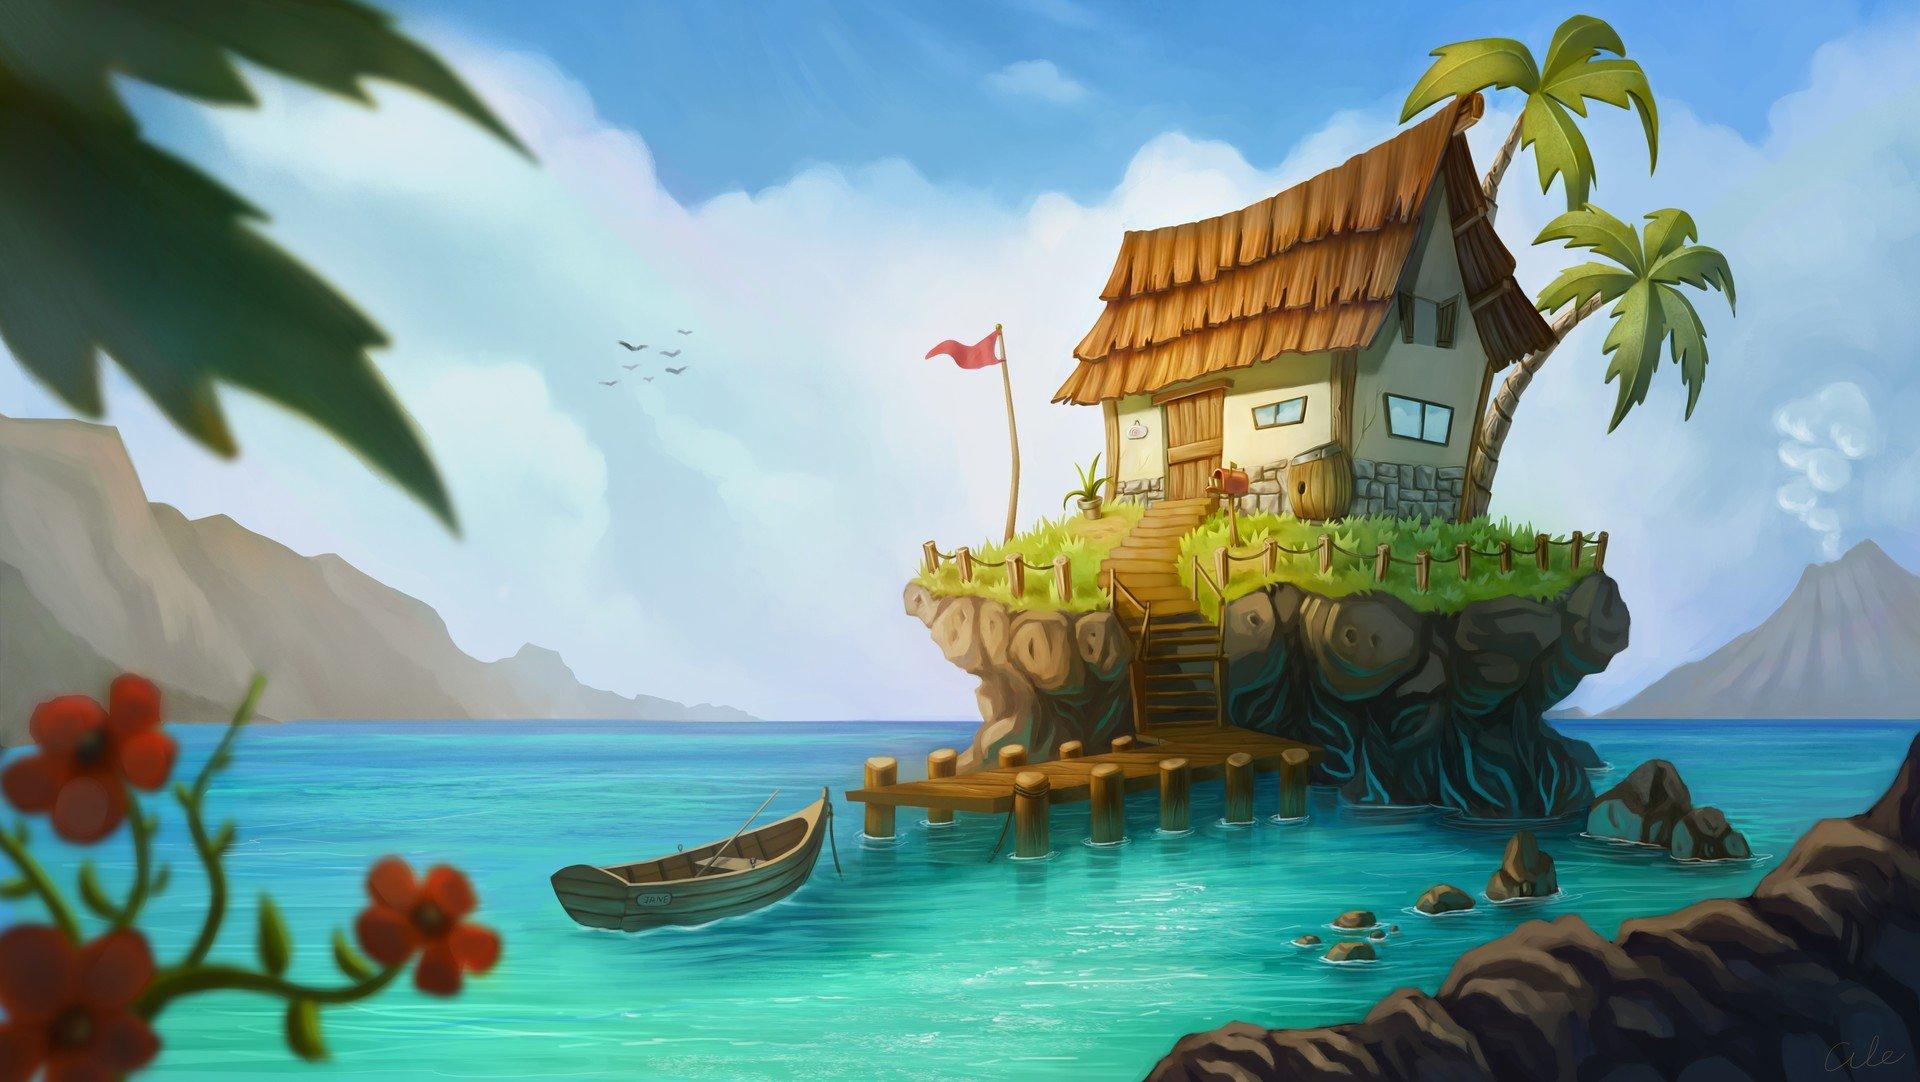 этих пальм картинки остров с пальмой и хижиной тот